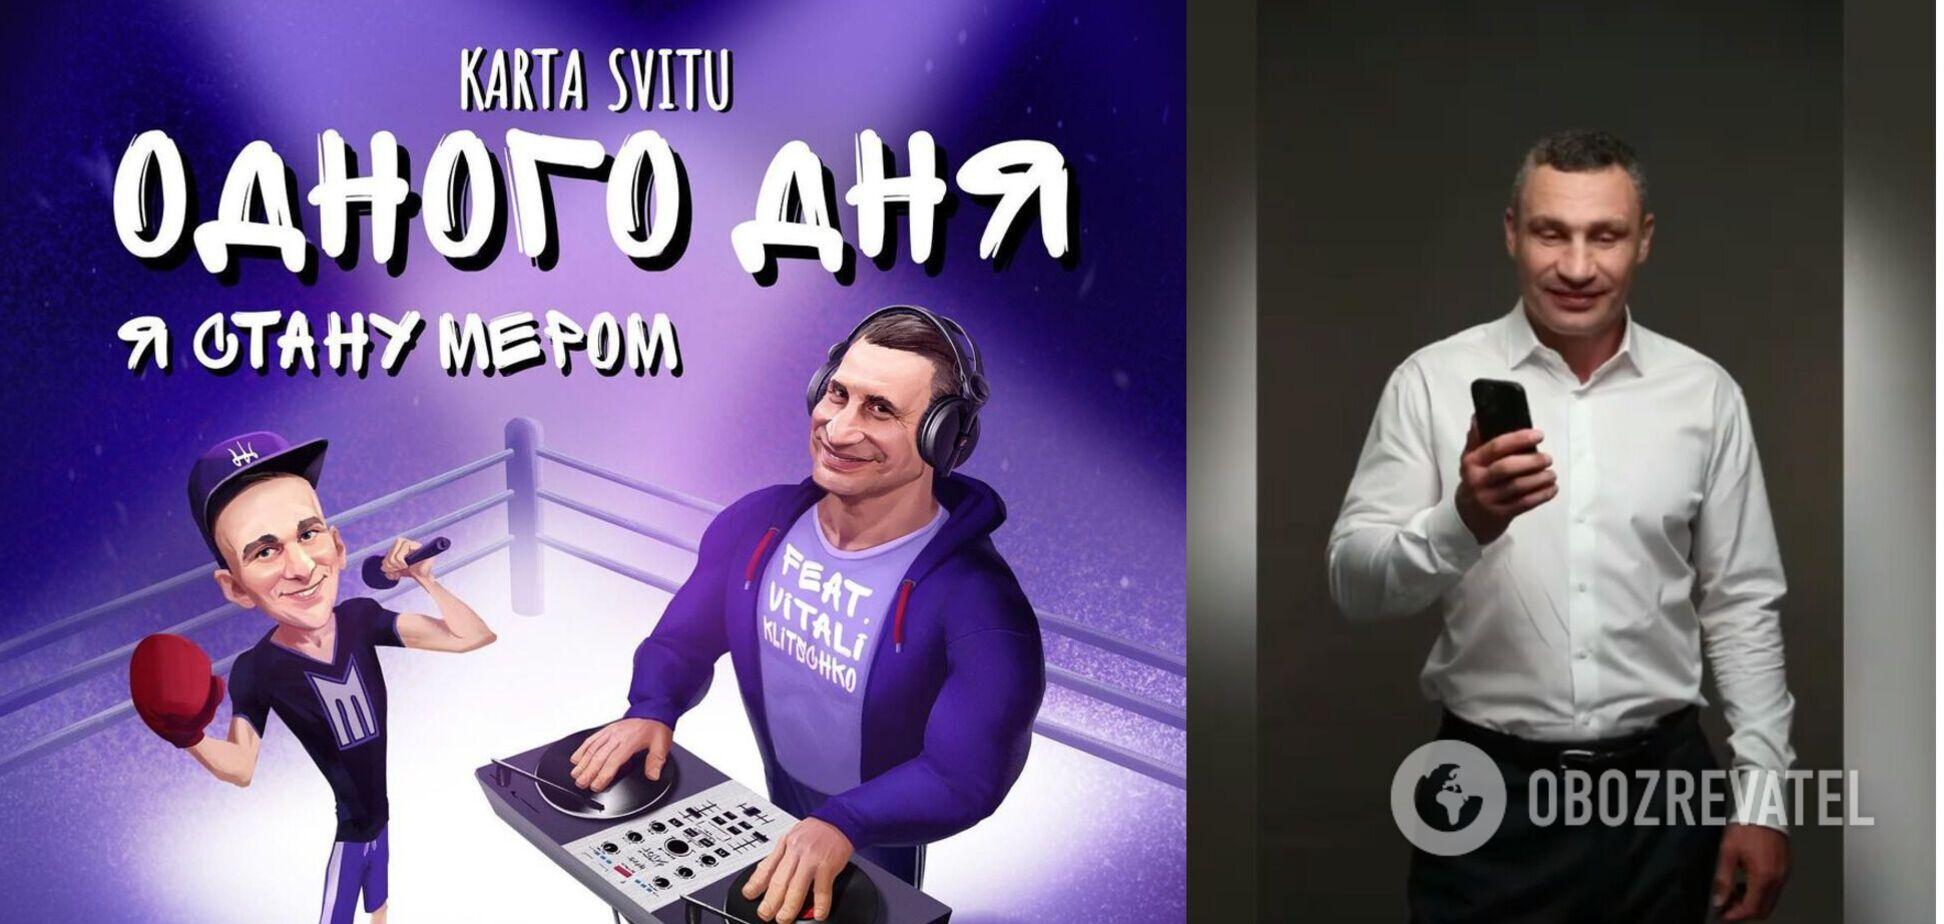 Виталий Кличко отреагировал на песню 'Однажды я стану мэром'